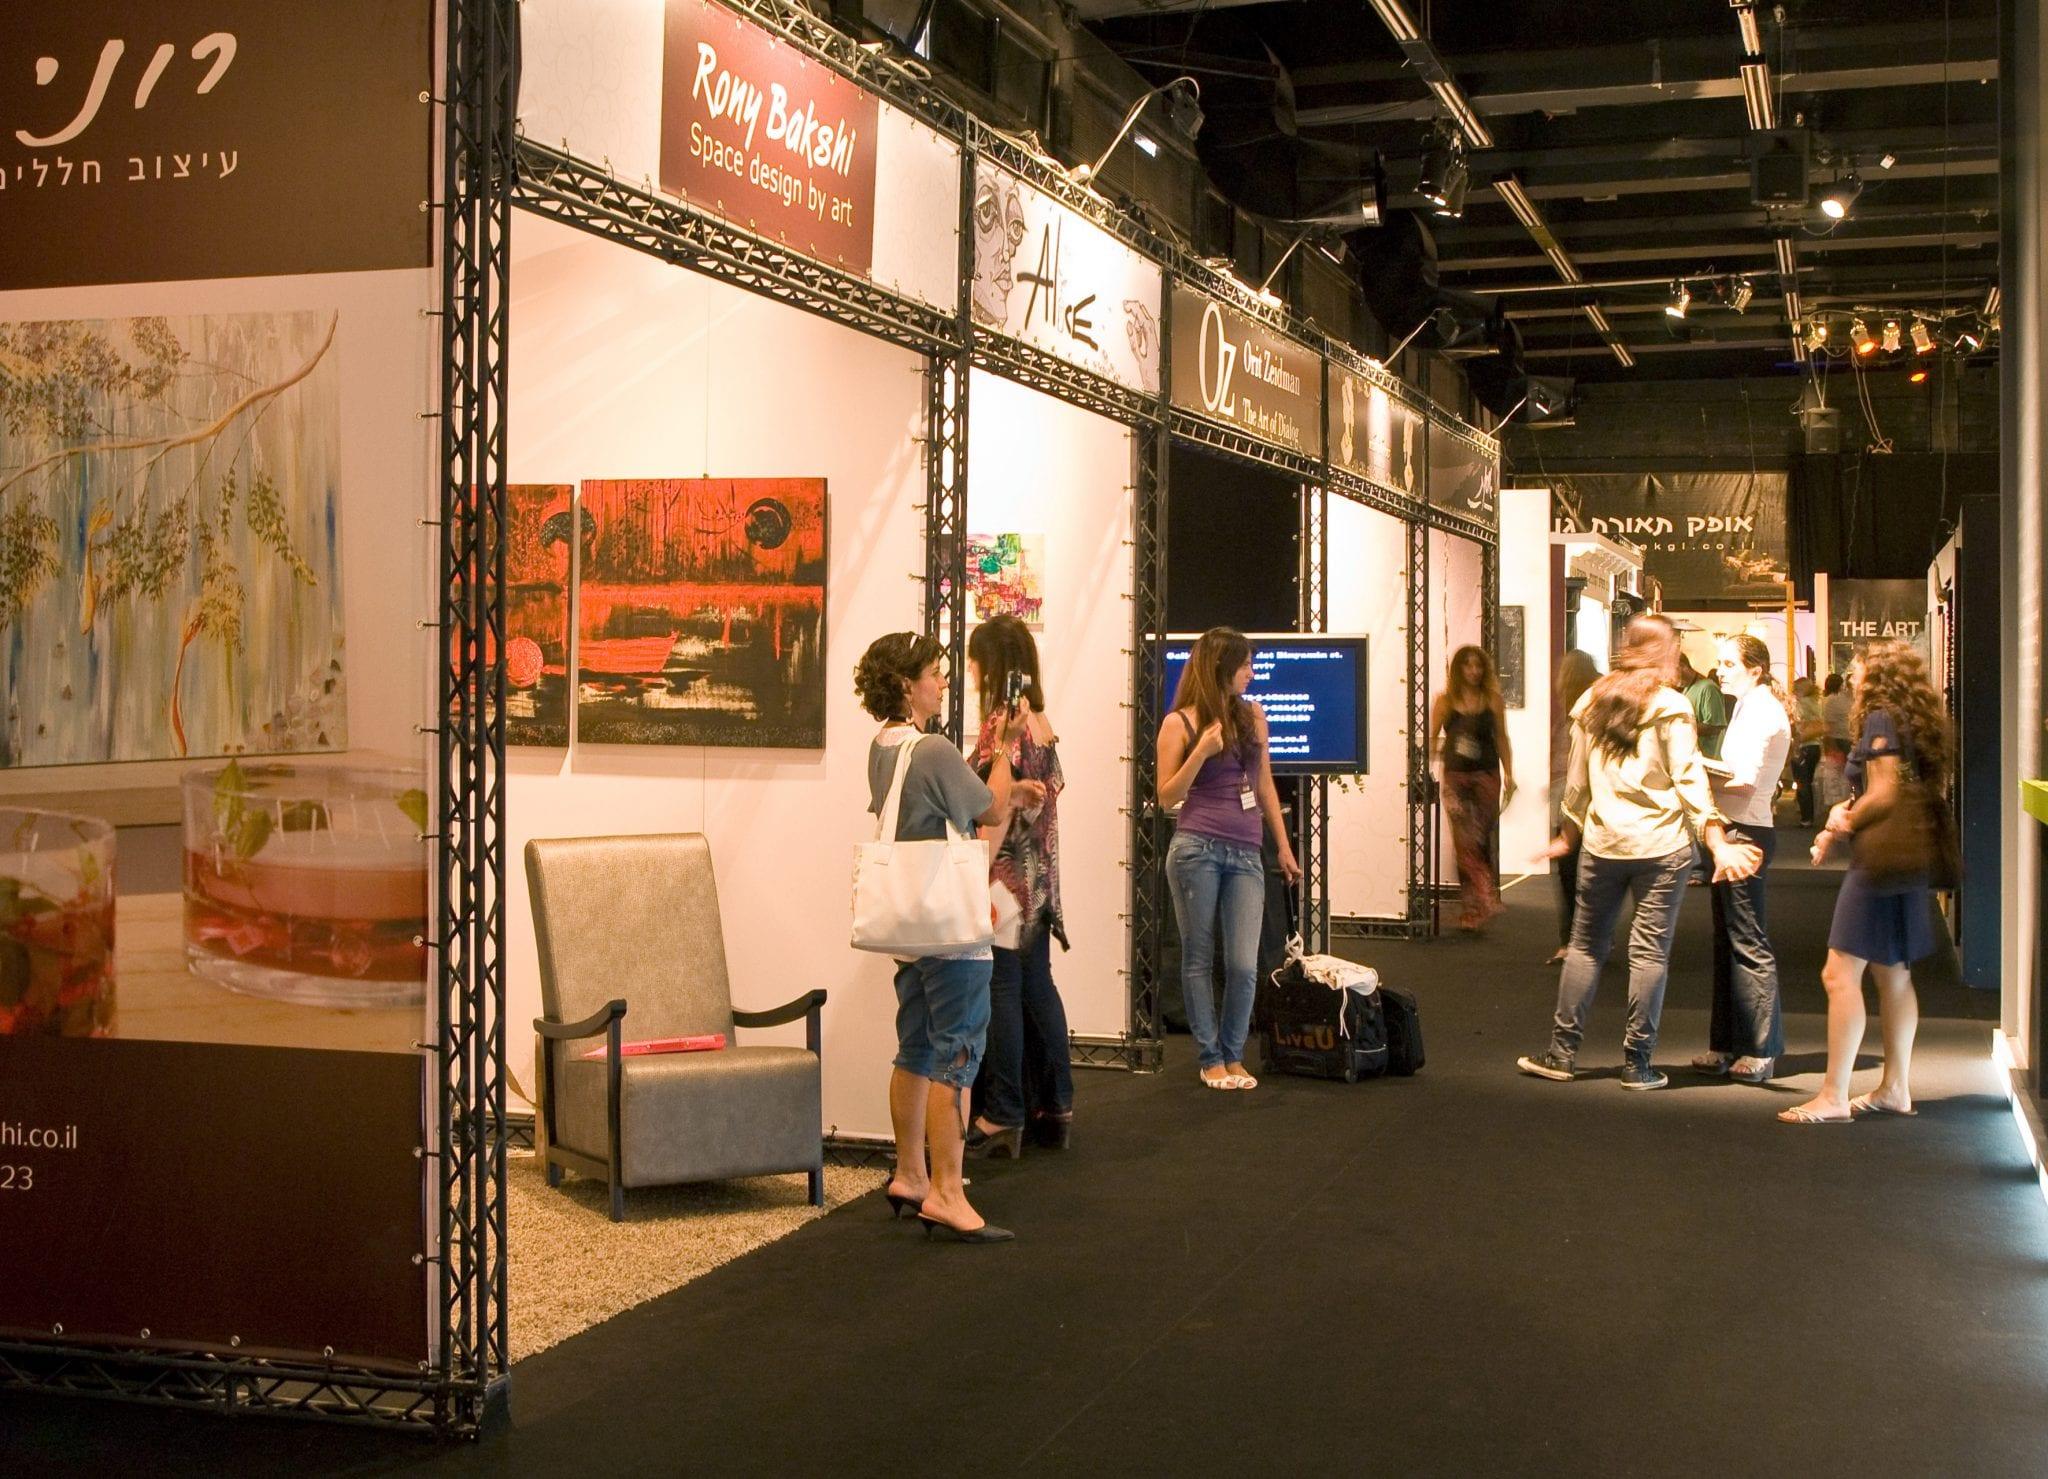 עיצוב ביתן לתערוכה